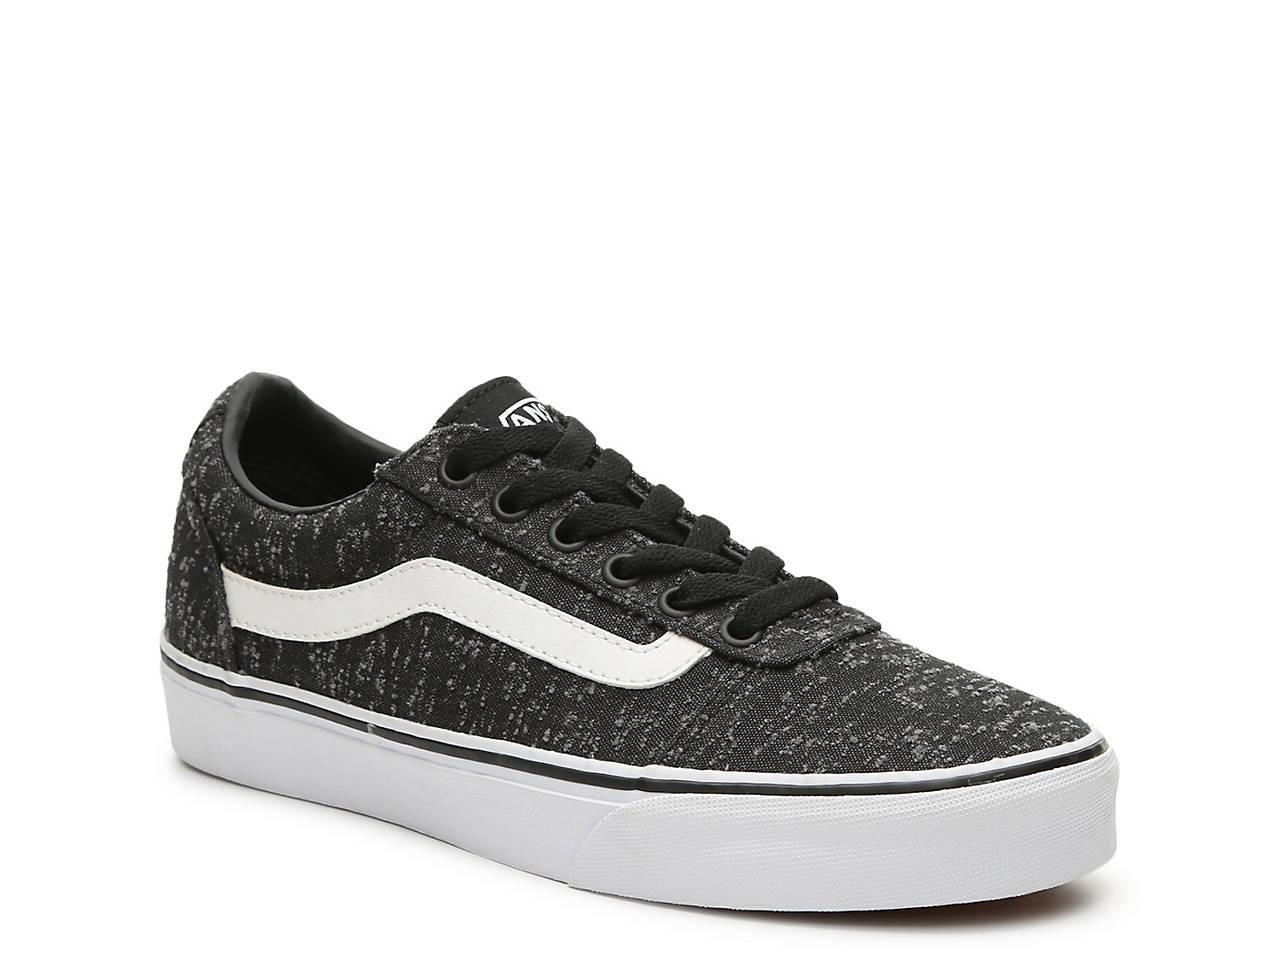 89663121f3 Vans Ward Lo Sneaker - Women s Women s Shoes